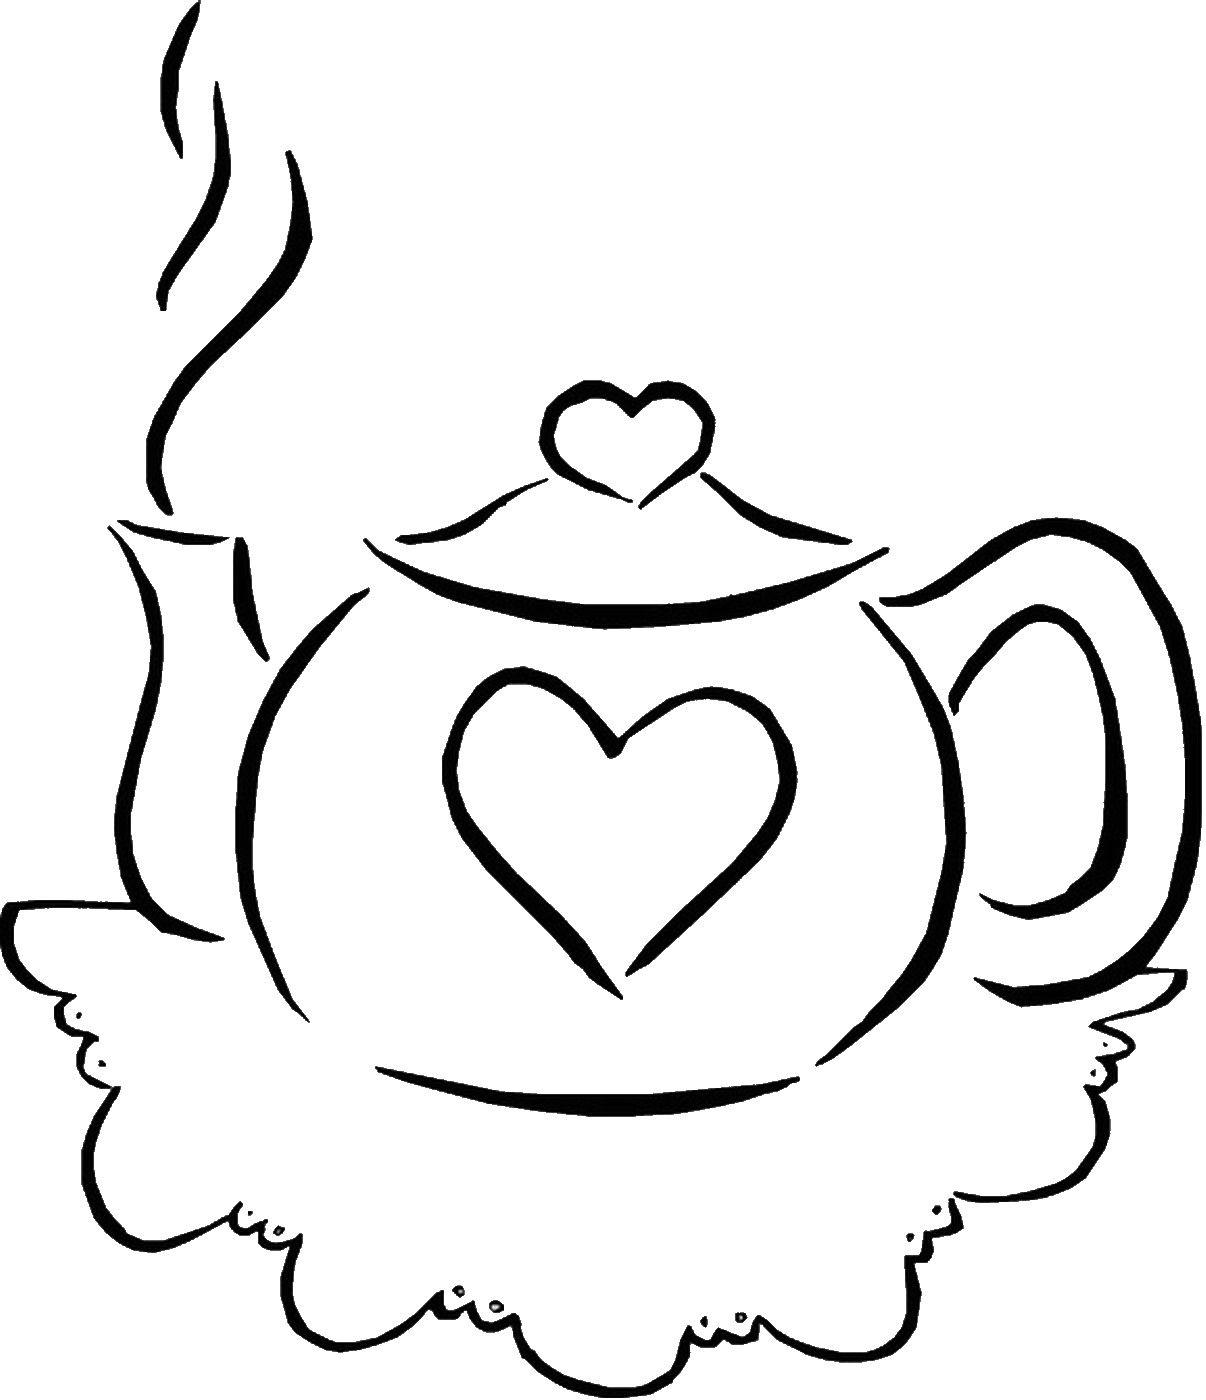 Tea Party Coloring Pages | Tea Party | Pinterest | Tea parties, Tea ...